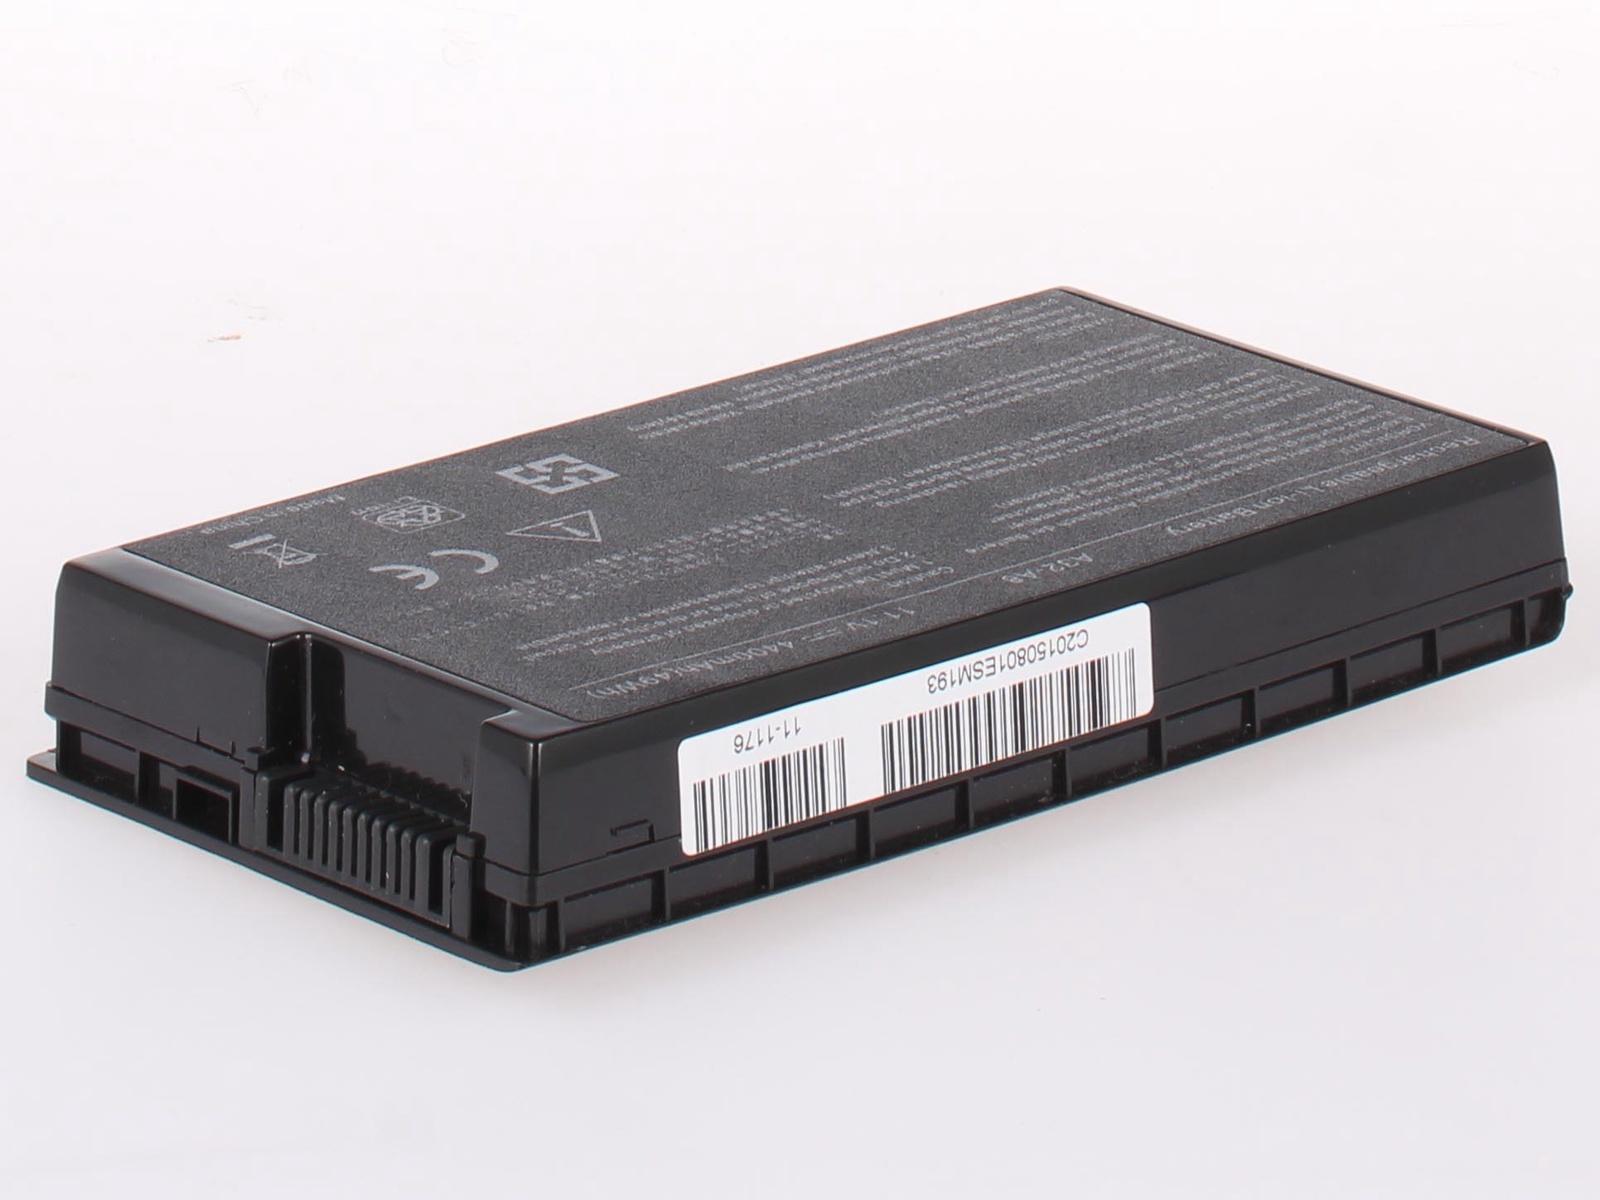 Аккумулятор для ноутбука AnyBatt Asus A32-A8 gottis набор столовых приборов aril на 1 персону 4 пр 208 4 gottis